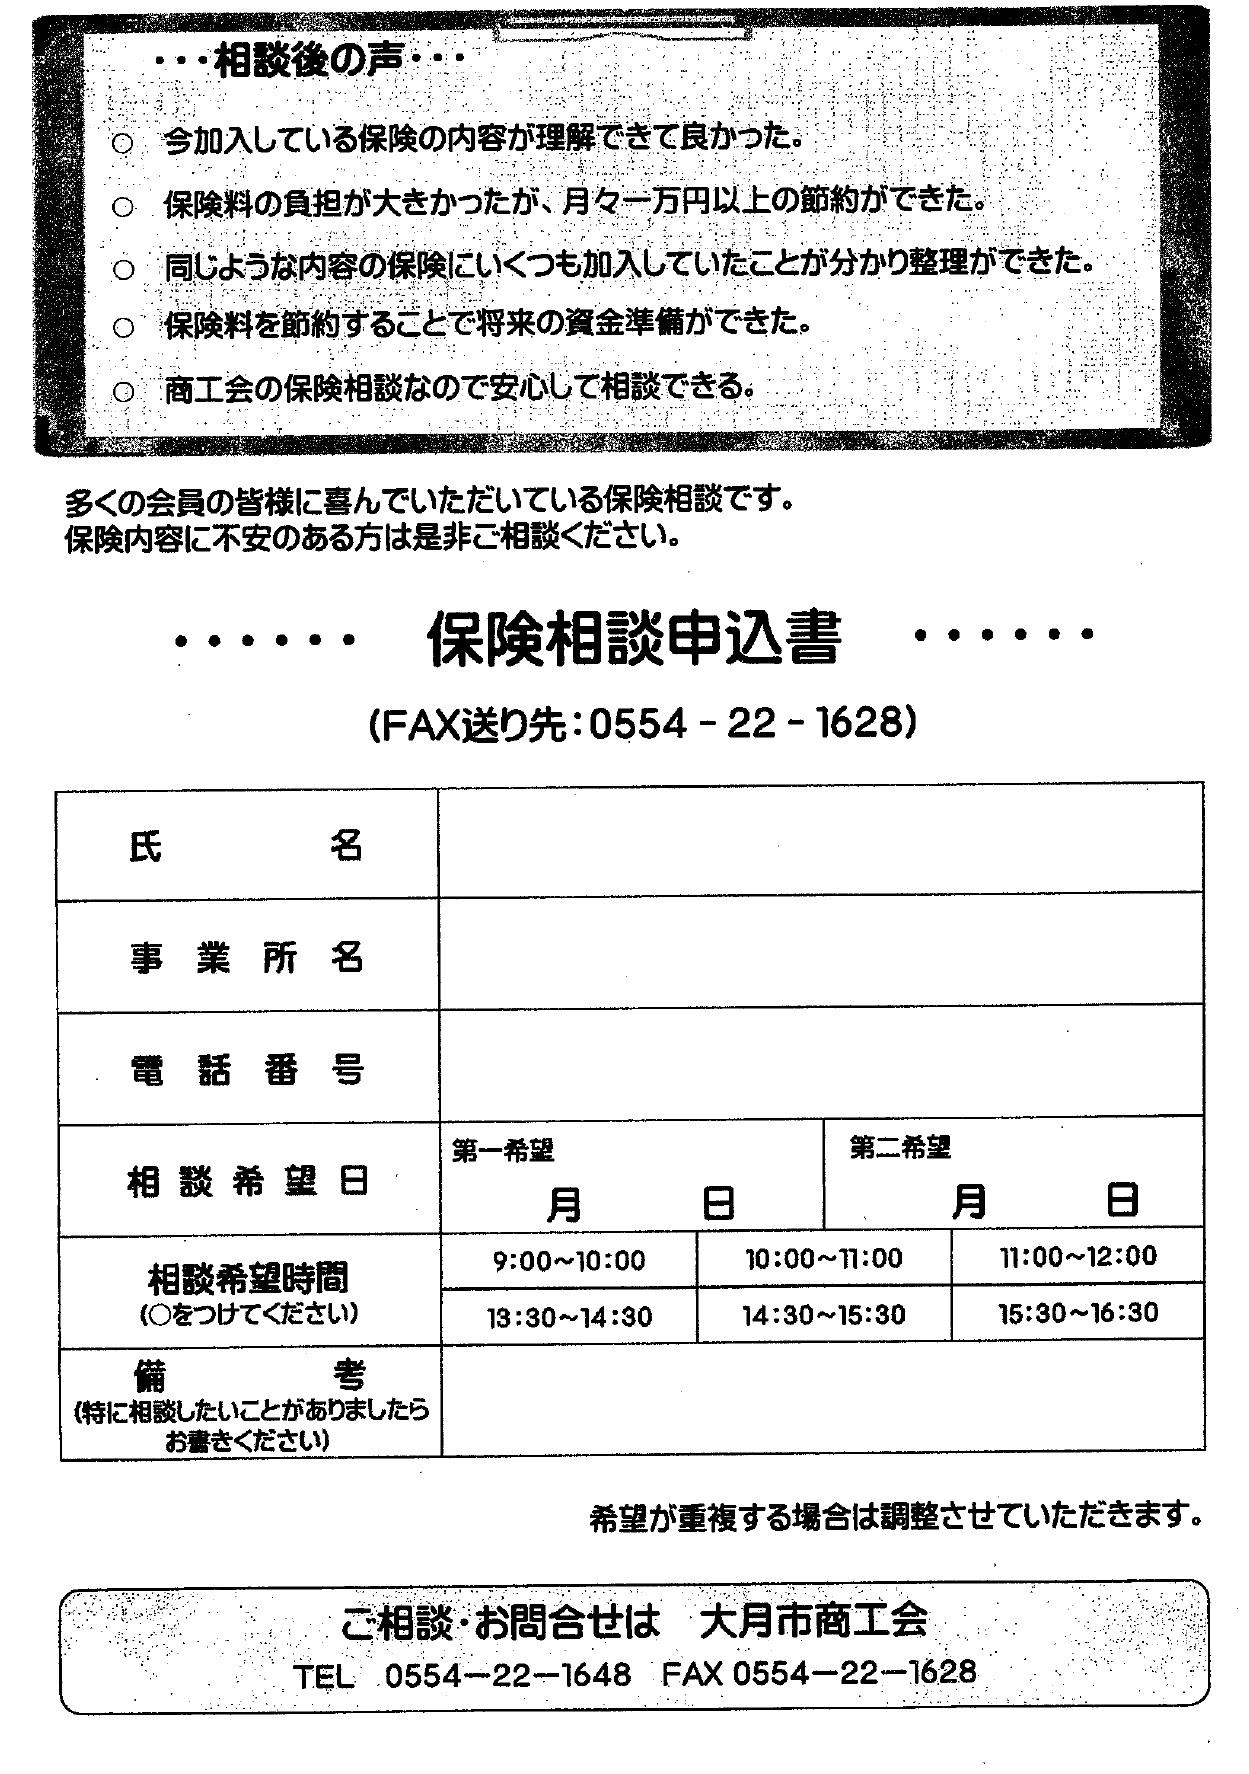 H30年度保険相談会2